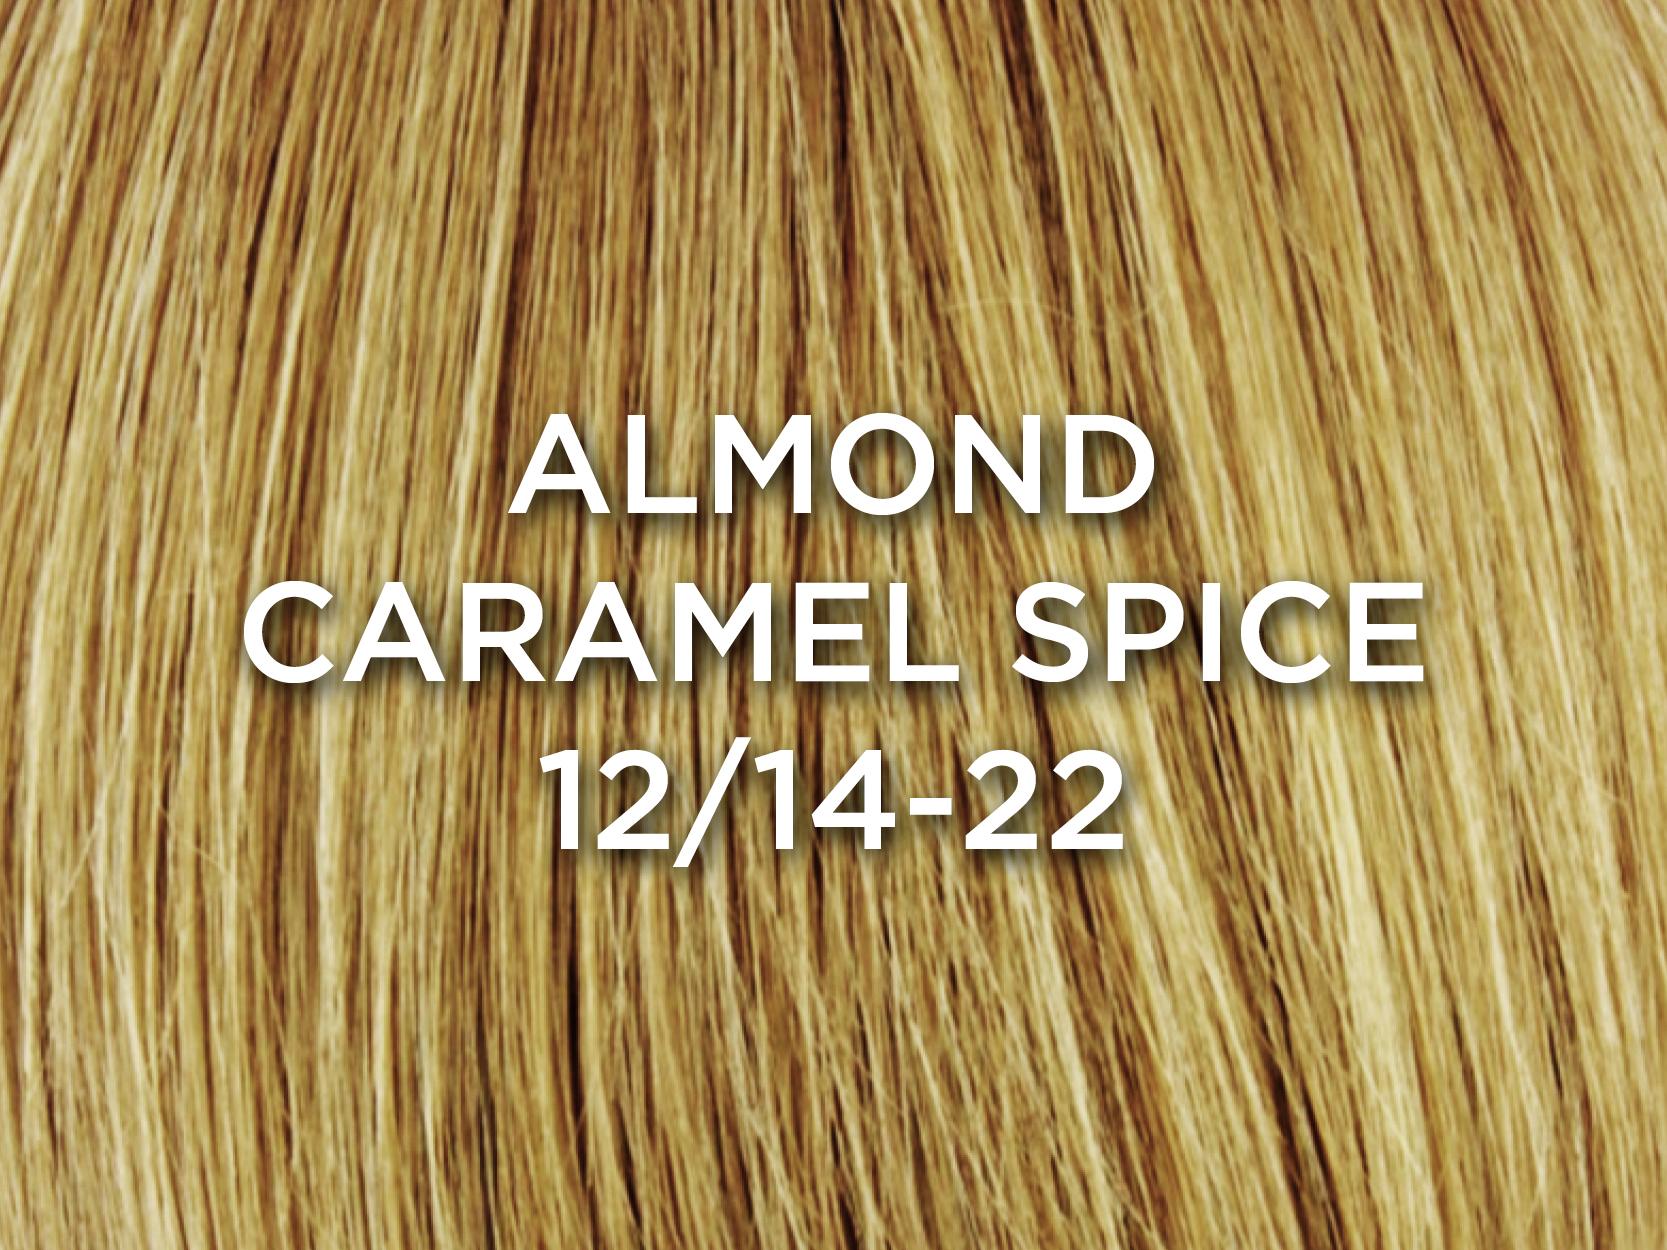 AlmondCaramelSpice.jpg